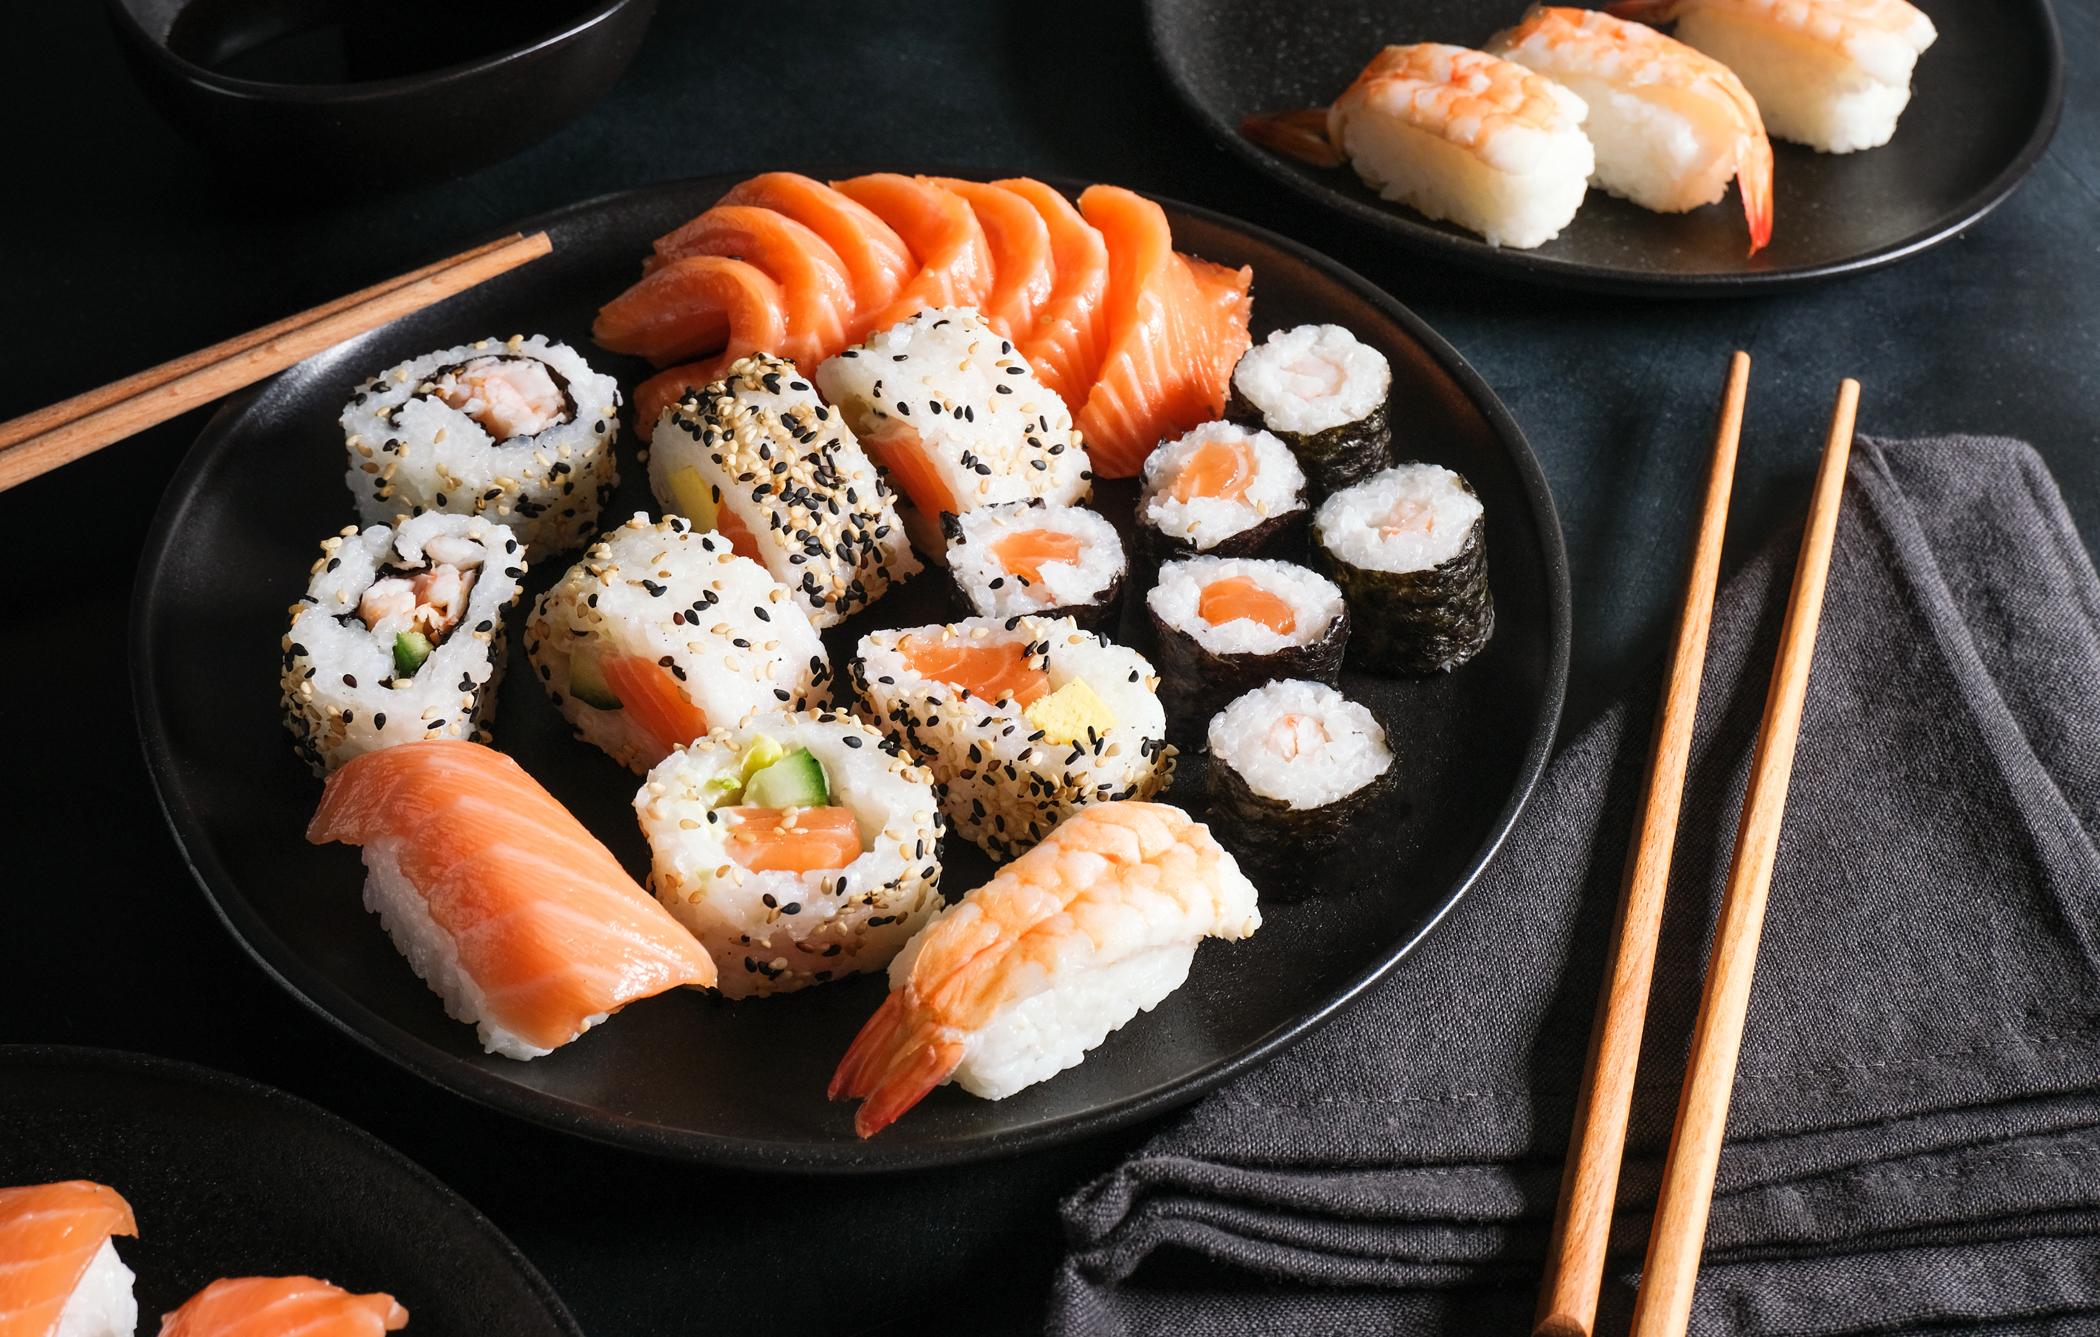 sushi-kochkurs-hochheim-am-main-bg4